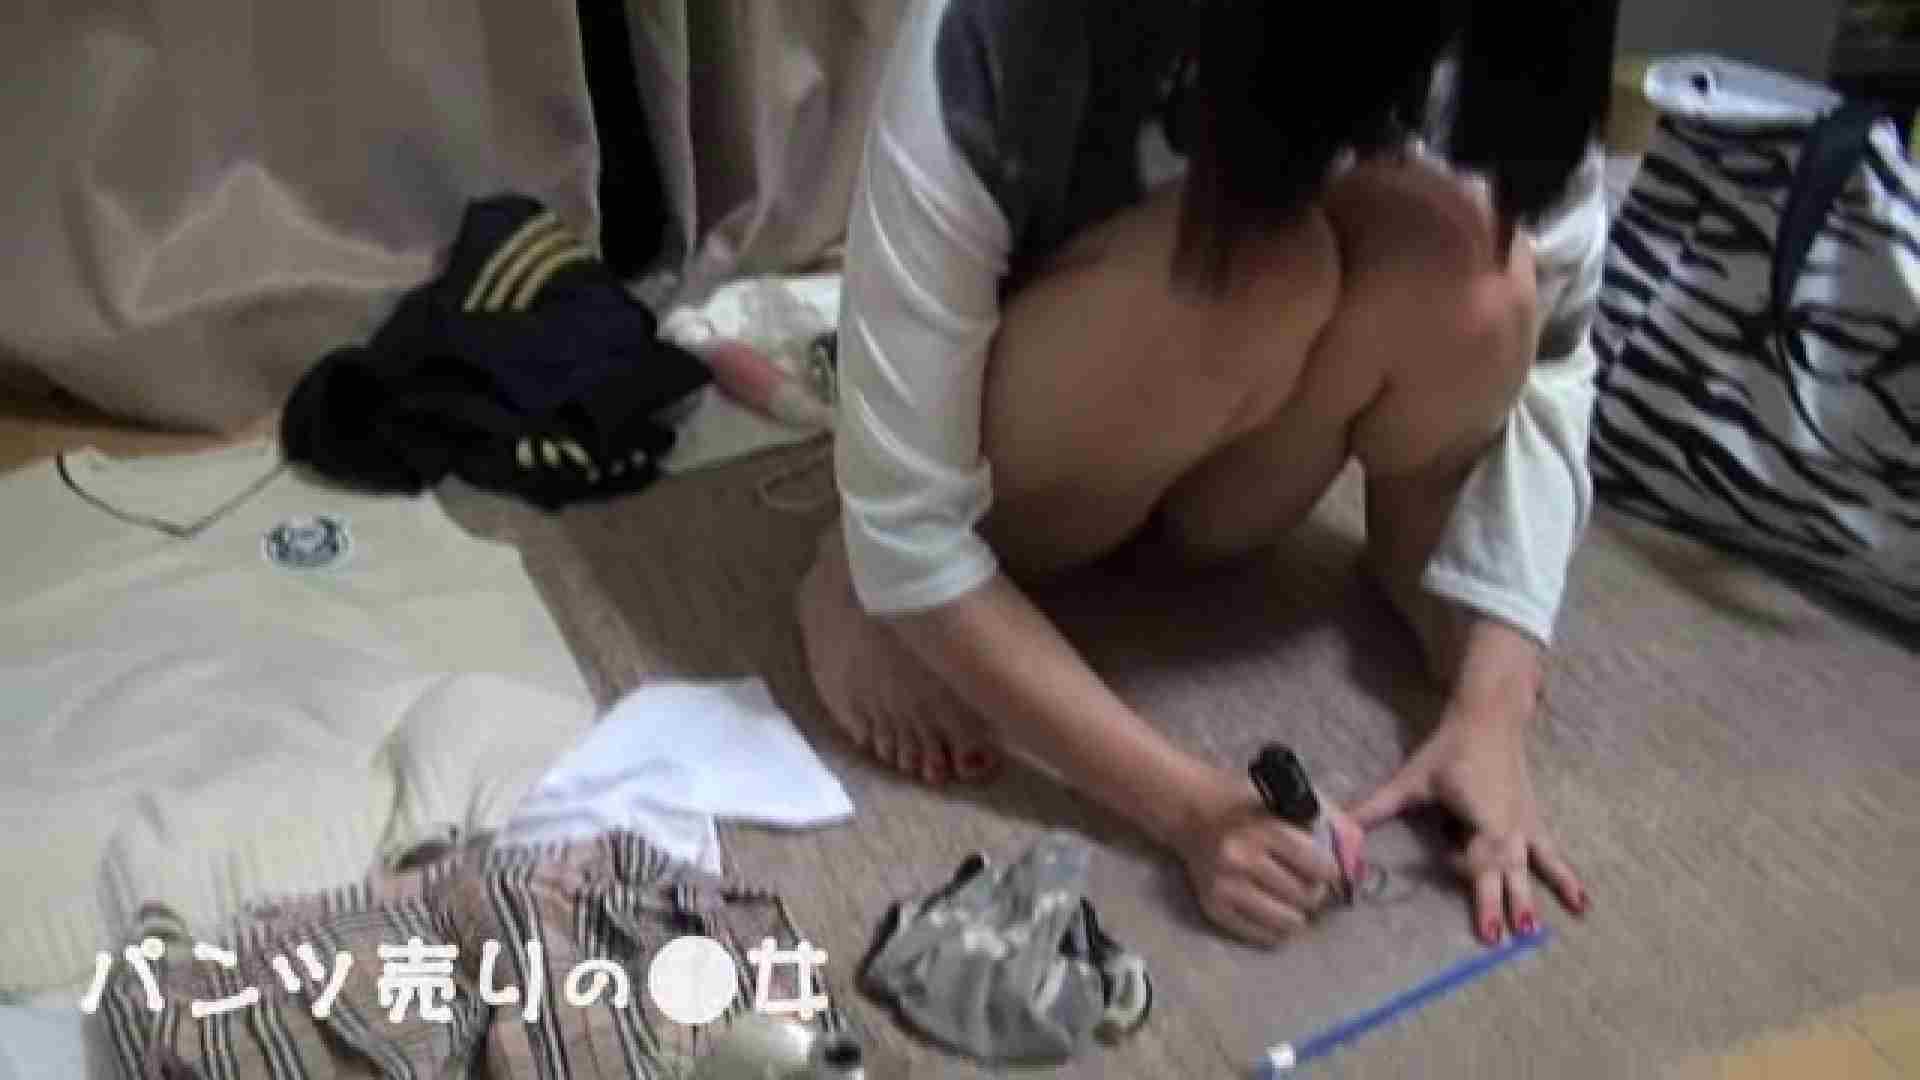 新説 パンツ売りの女の子mizuki02 一般投稿  76pic 58